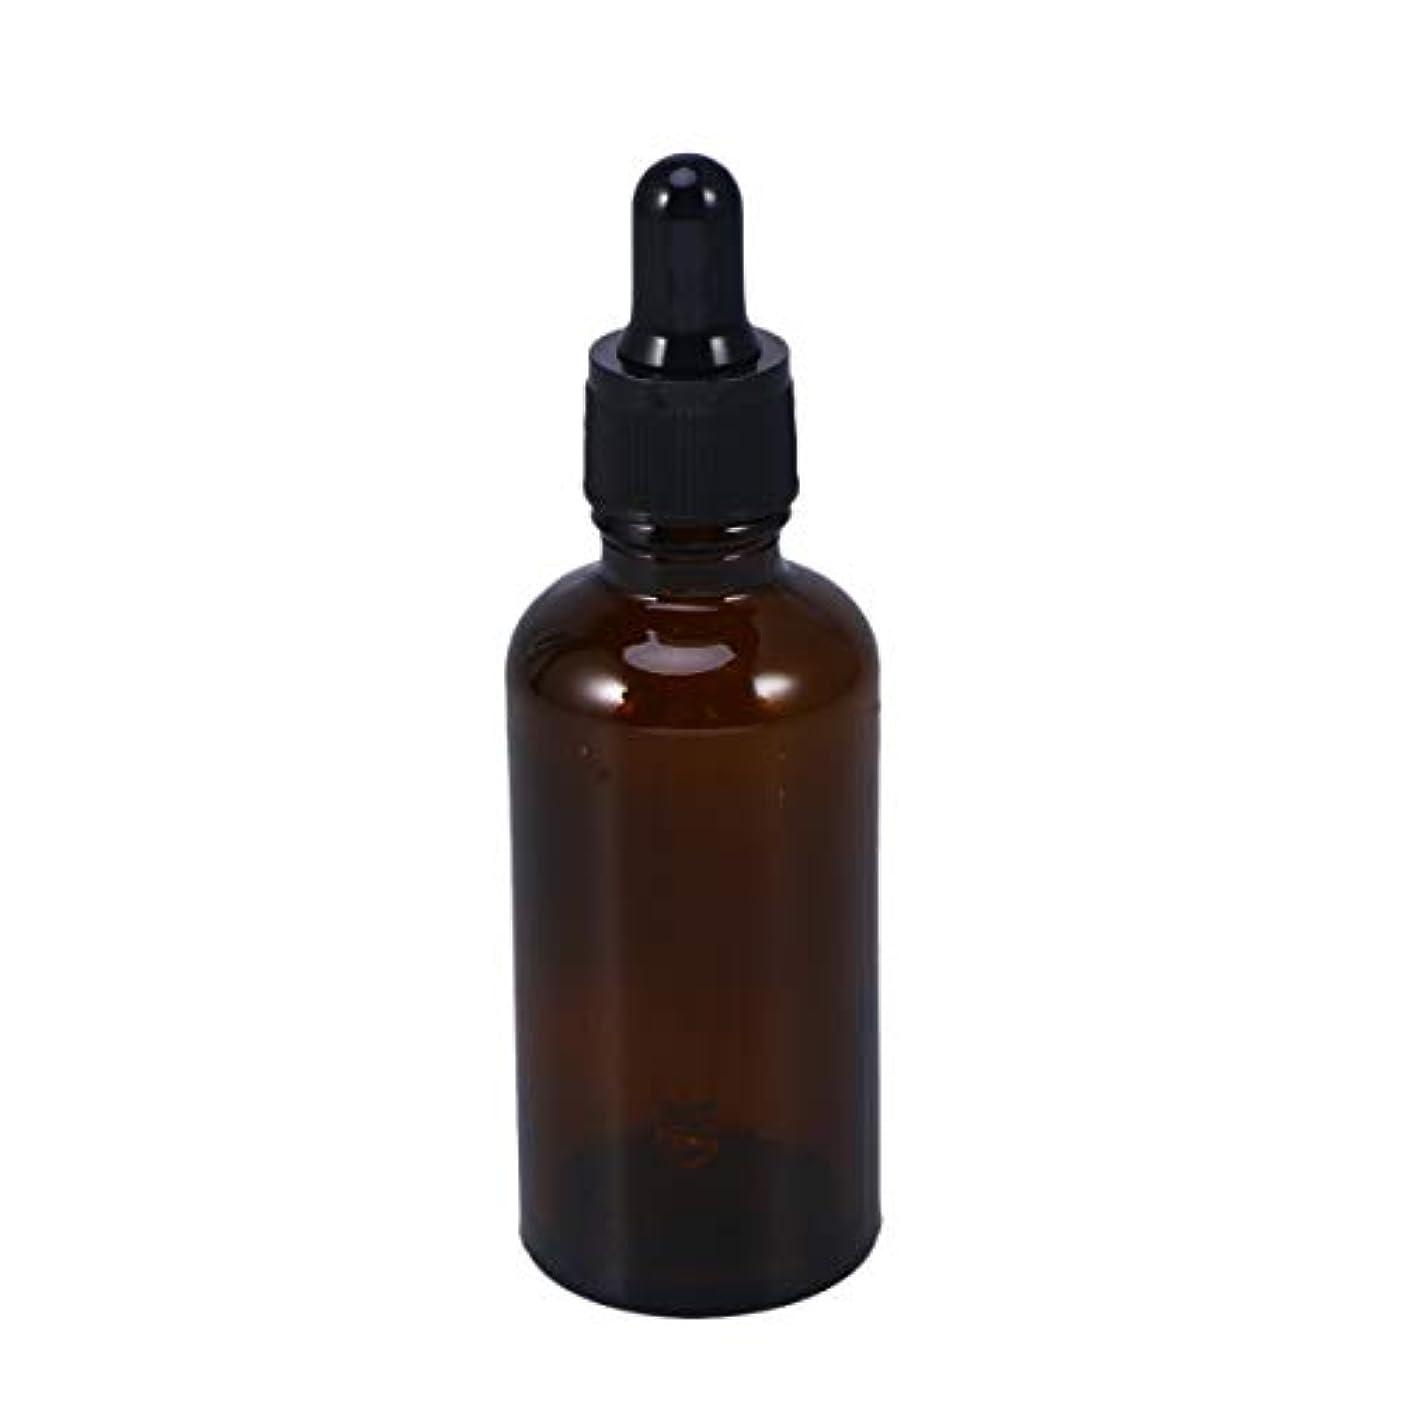 絶対のご意見限りFrcolor 遮光瓶 スポイト遮光瓶 50ml スポイト付き アロマボトル ガラス 茶色 香水 保存用 詰替え エッセンシャルオイル 保存容器 2本セット